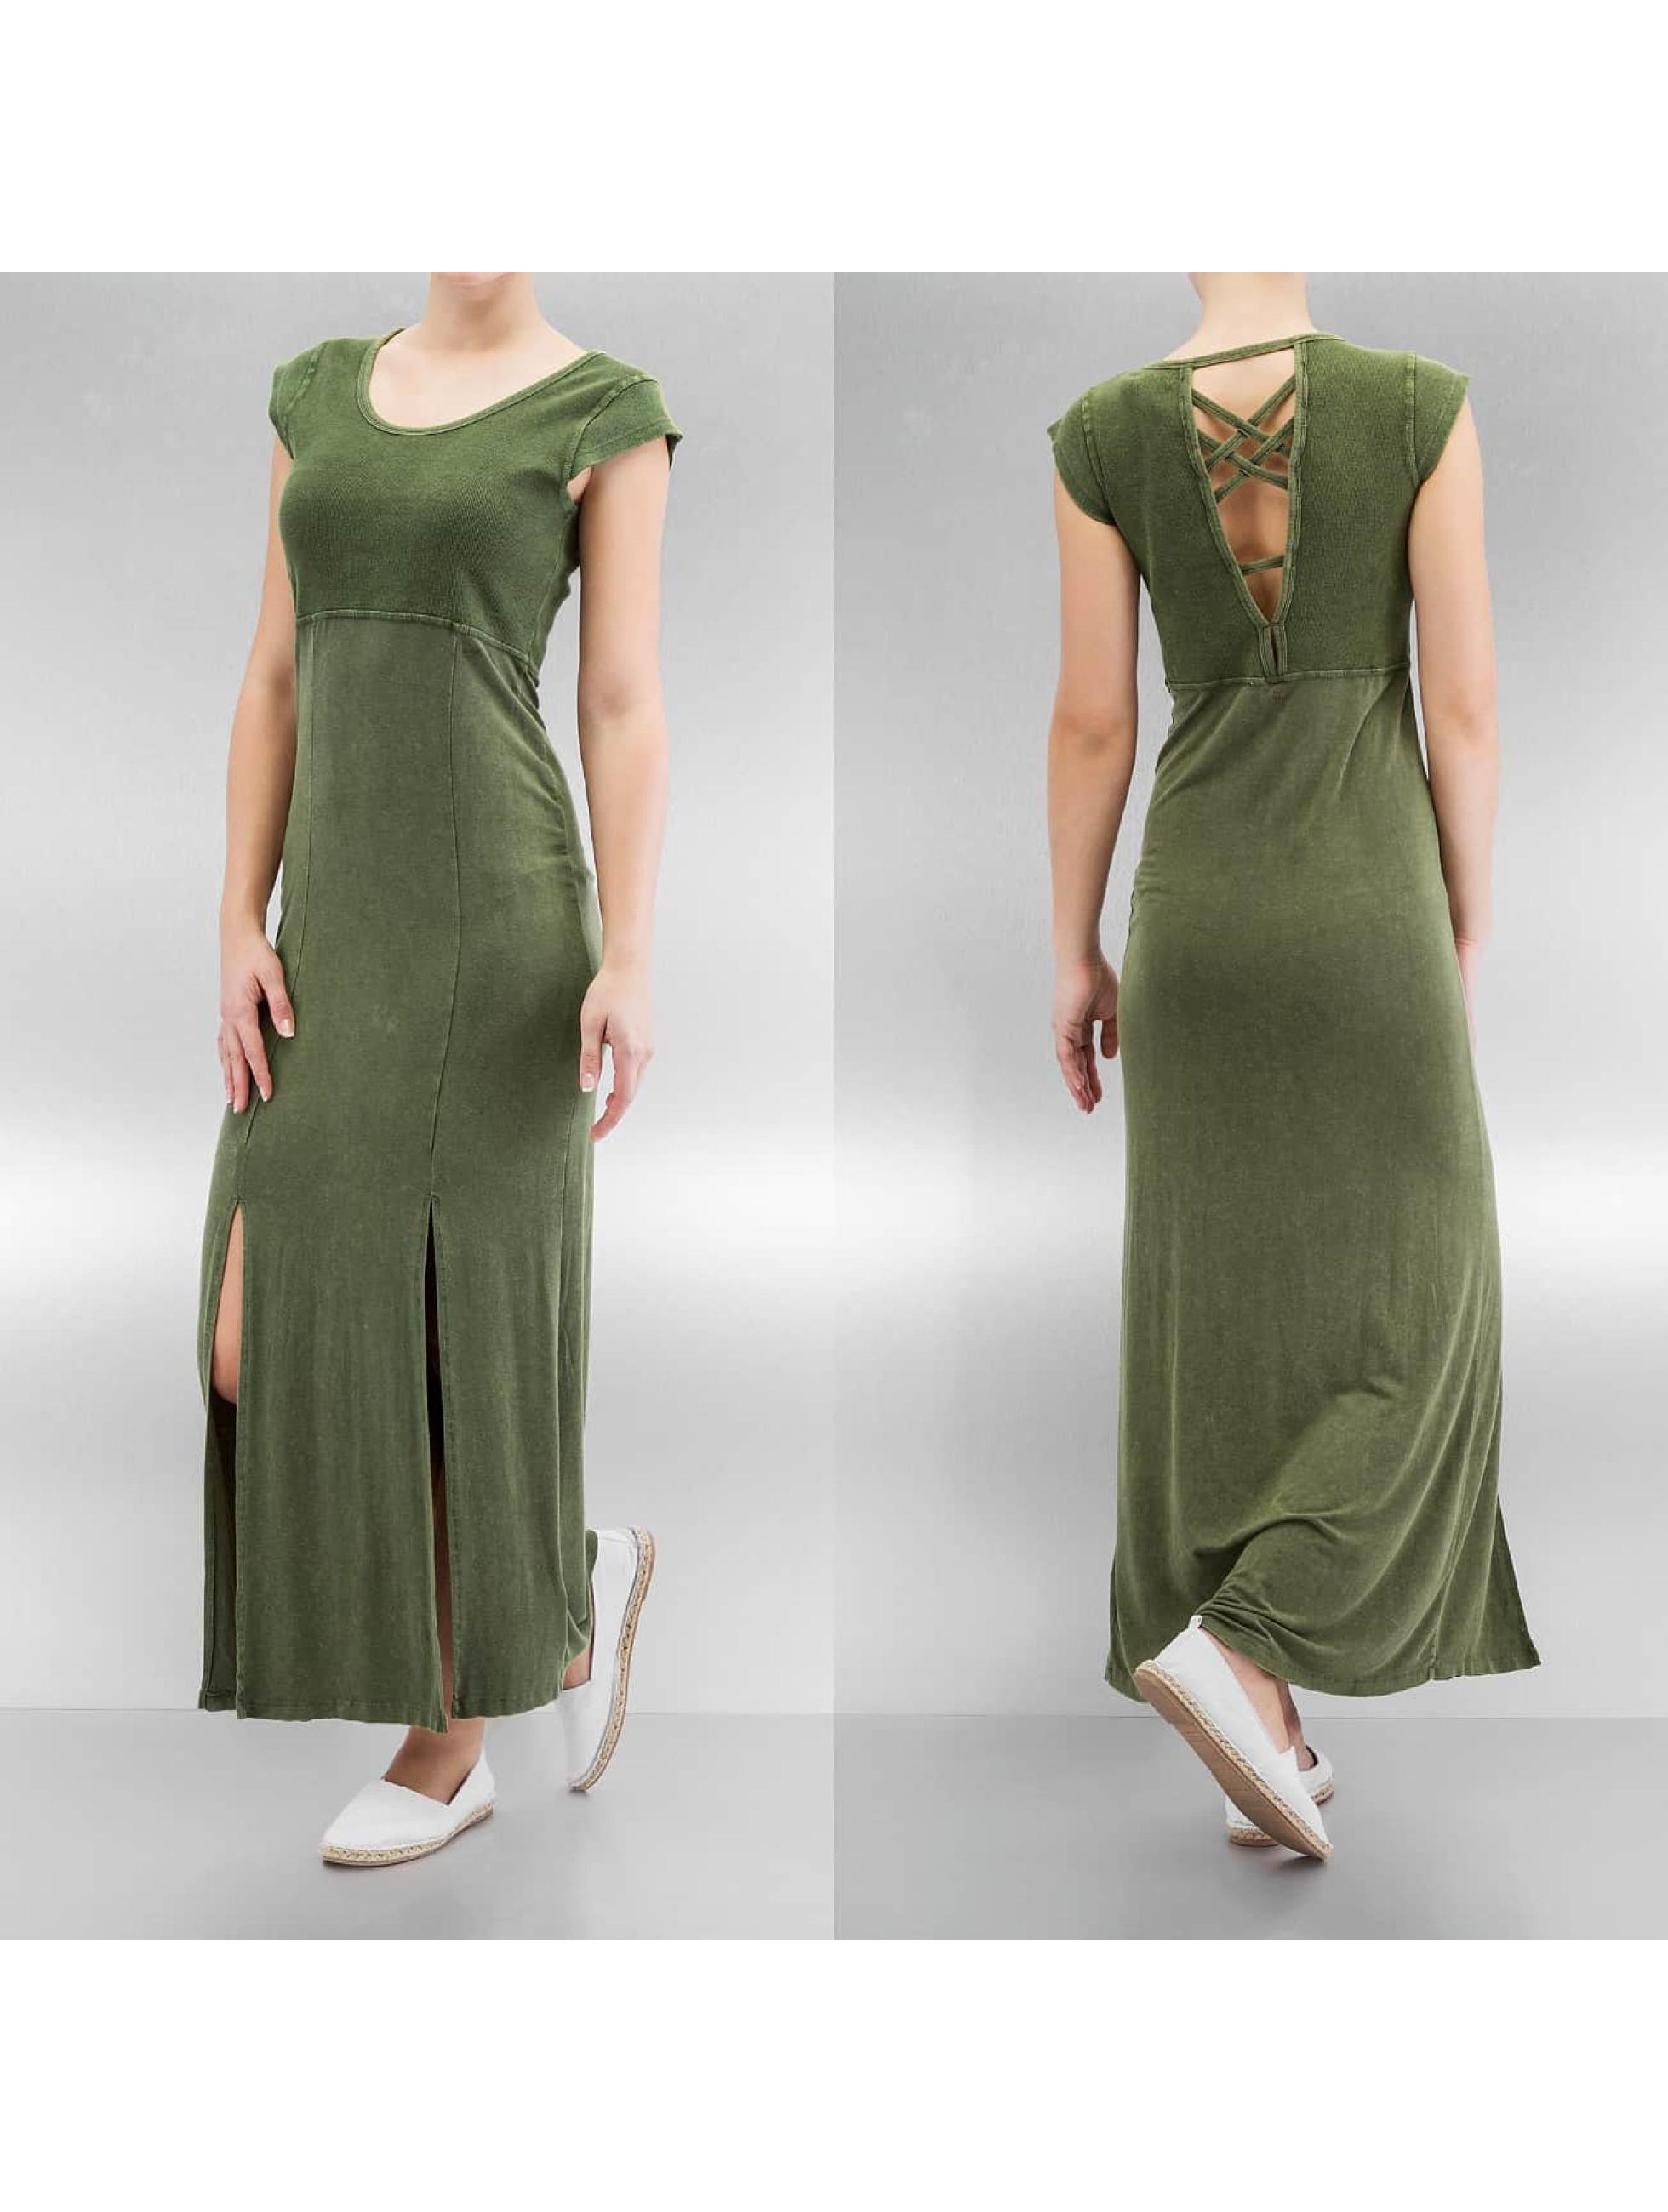 Khujo jurk Zaibu olijfgroen